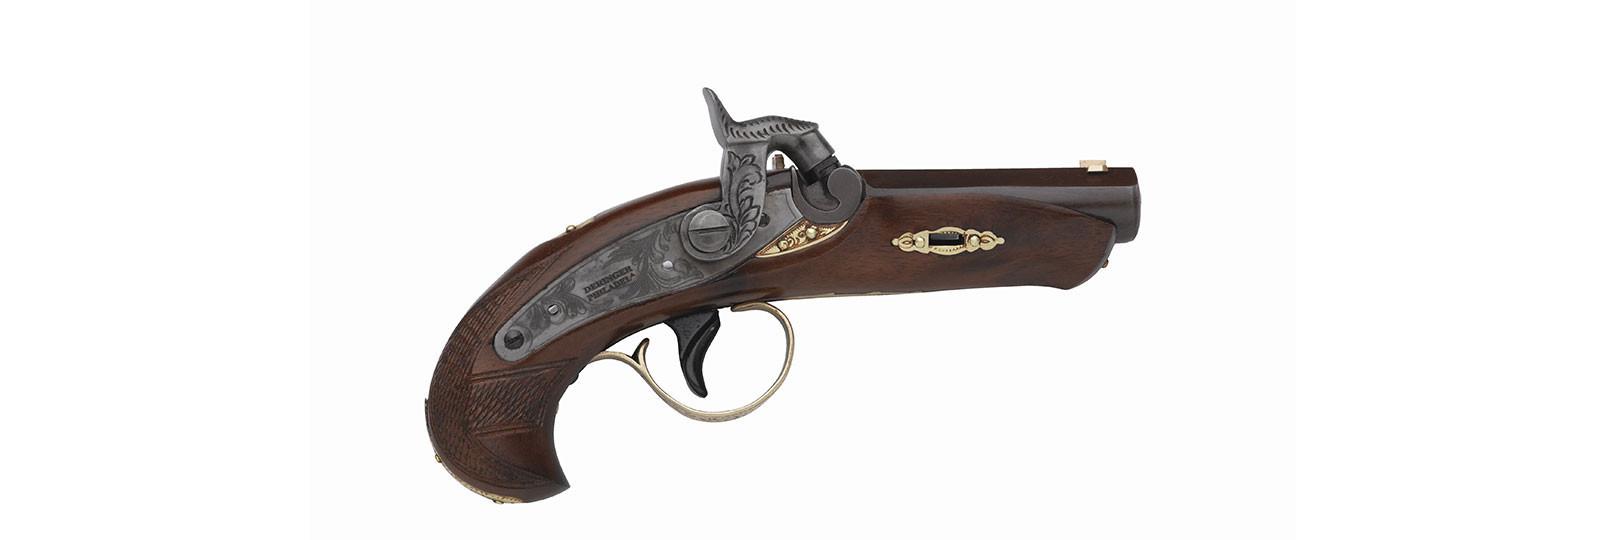 Deringer Philadelphia Pistol